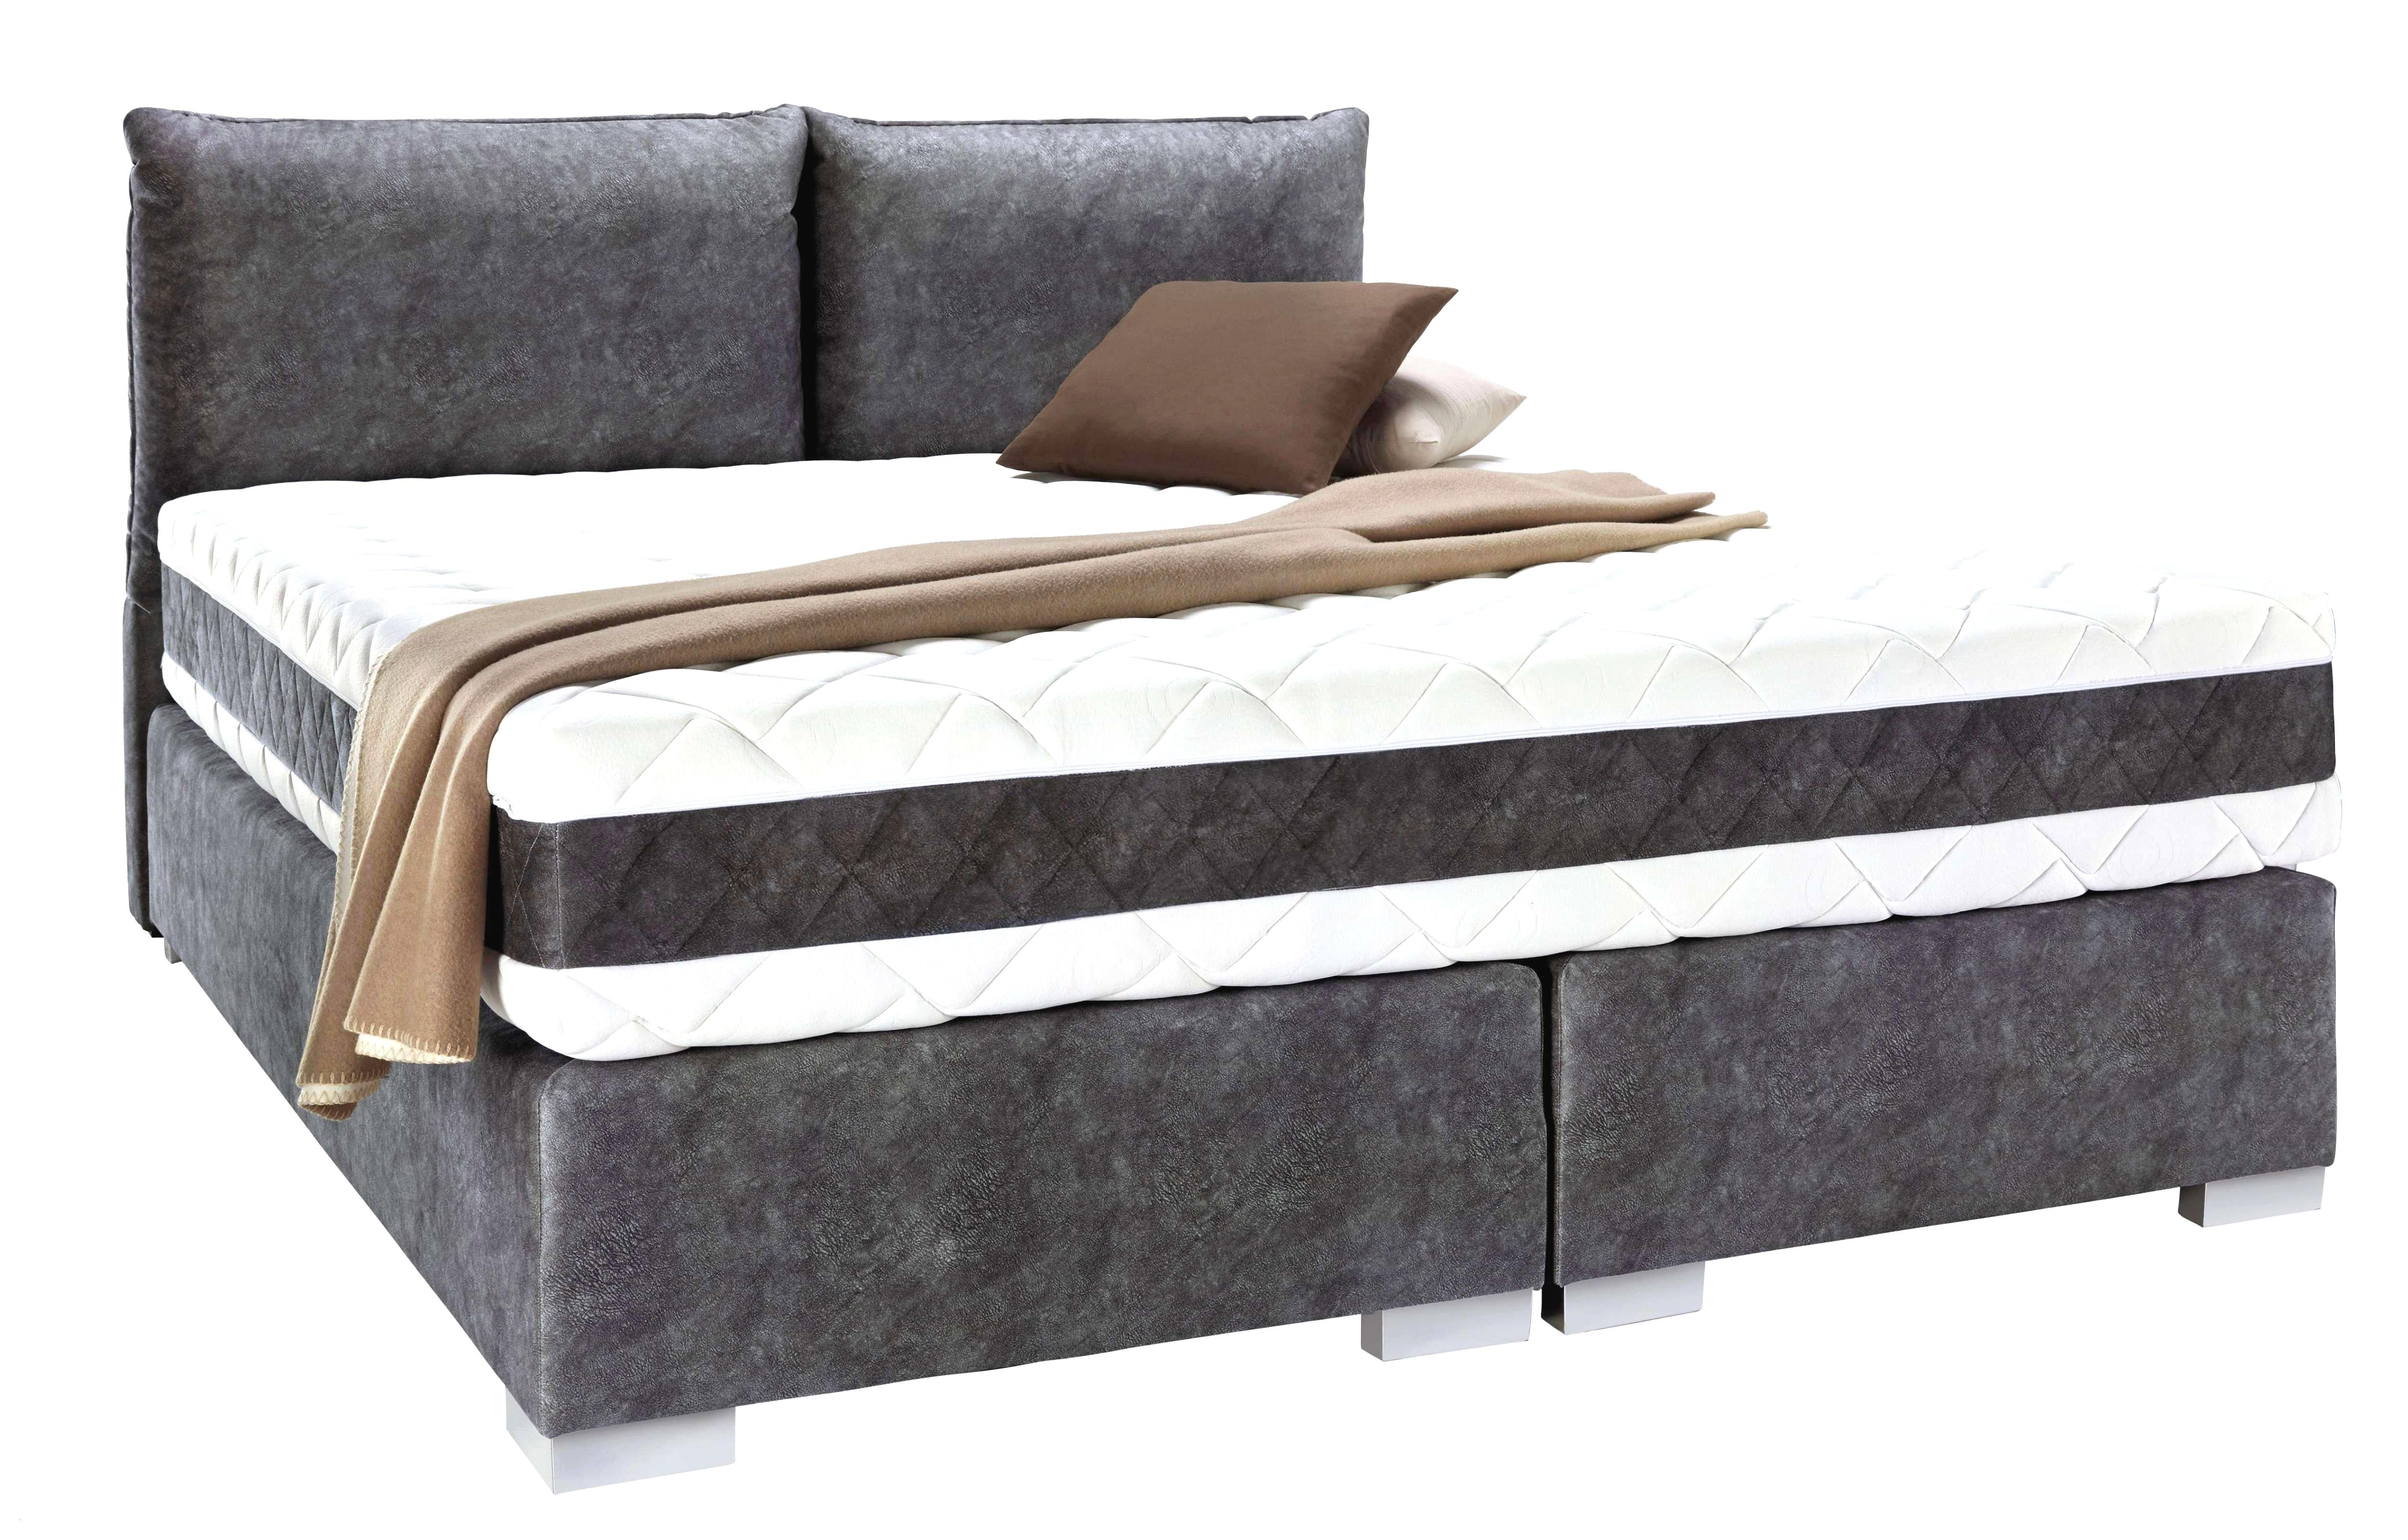 ikea sofa bett frisch boxspringbett elegant ikea boxspring 0d design von boxspring bett bilder of ikea